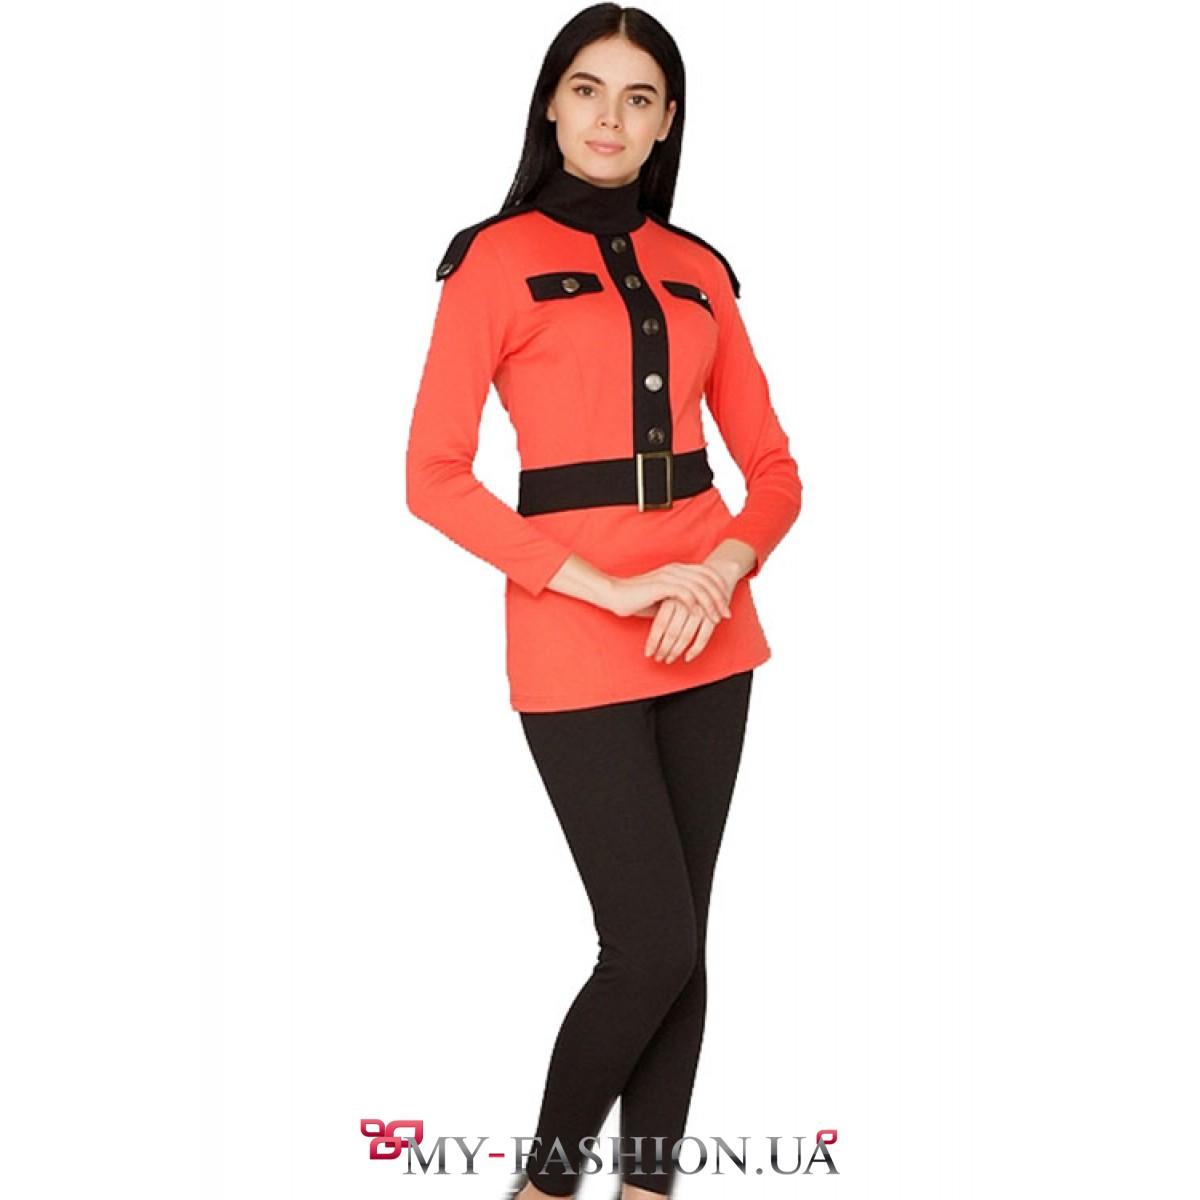 Весенний спортивный костюм женский спортмастер